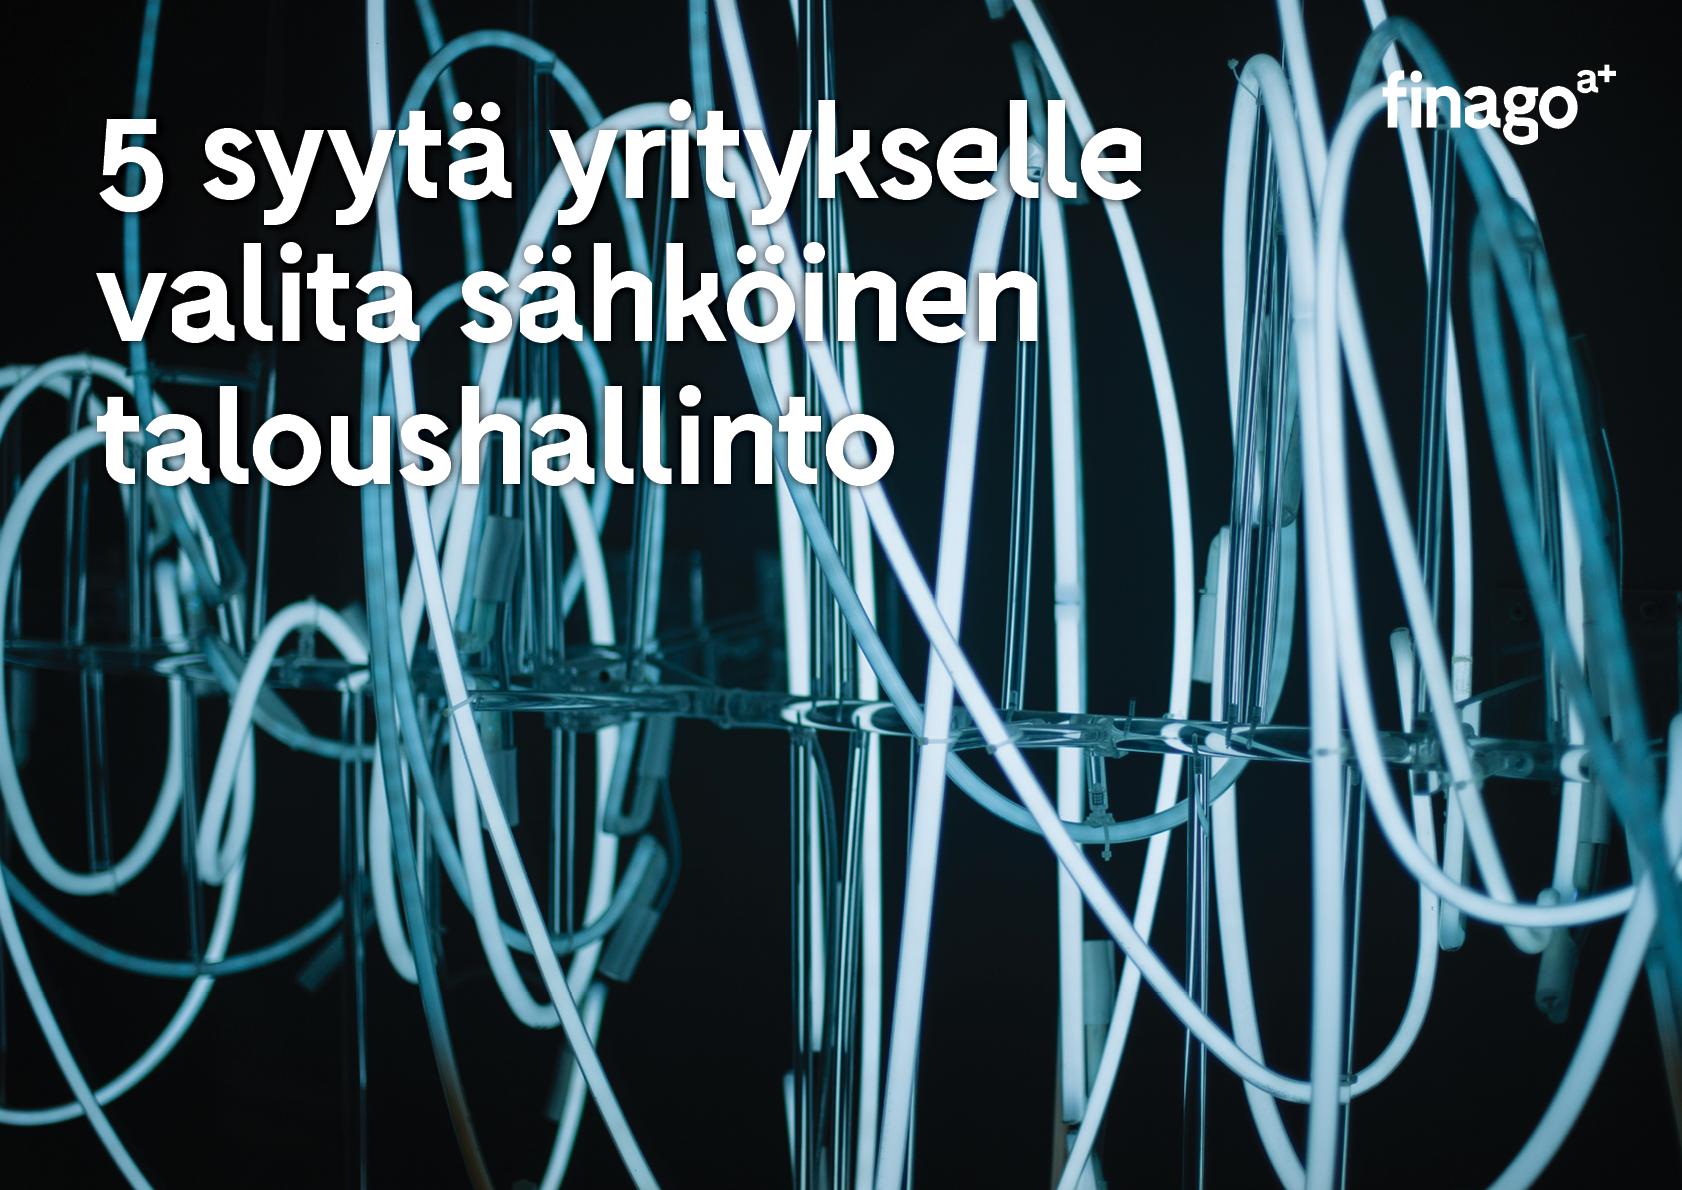 KANSI_5_syyta_yritykselle_valita_sahkoinen_taloushallinto